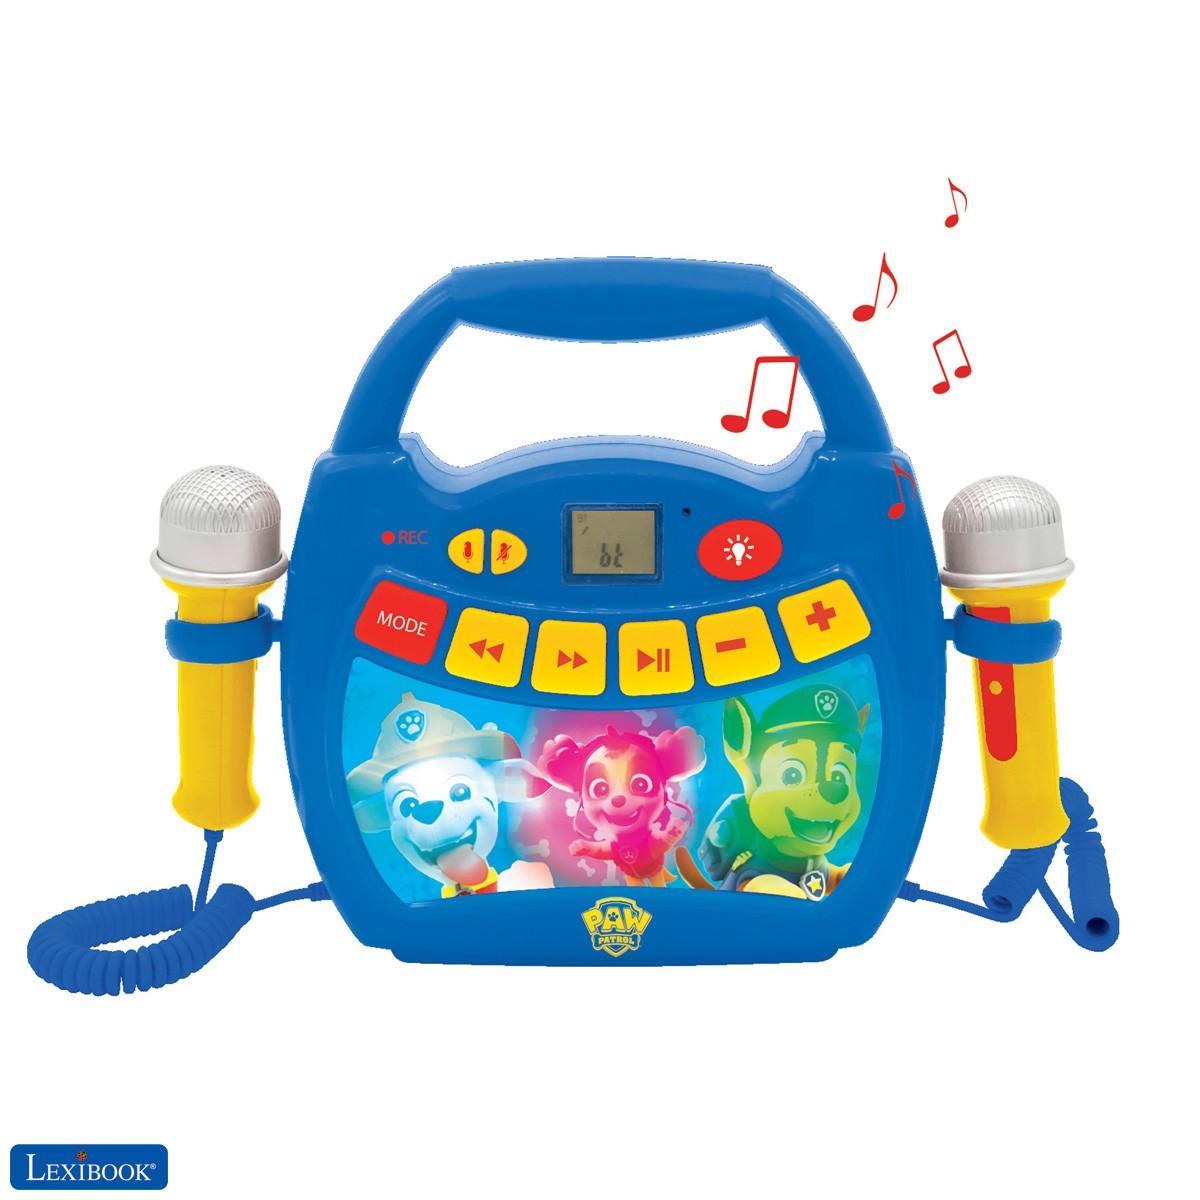 Paw Patrol - Tragbarer digitaler Karaoke-Player für Kinder